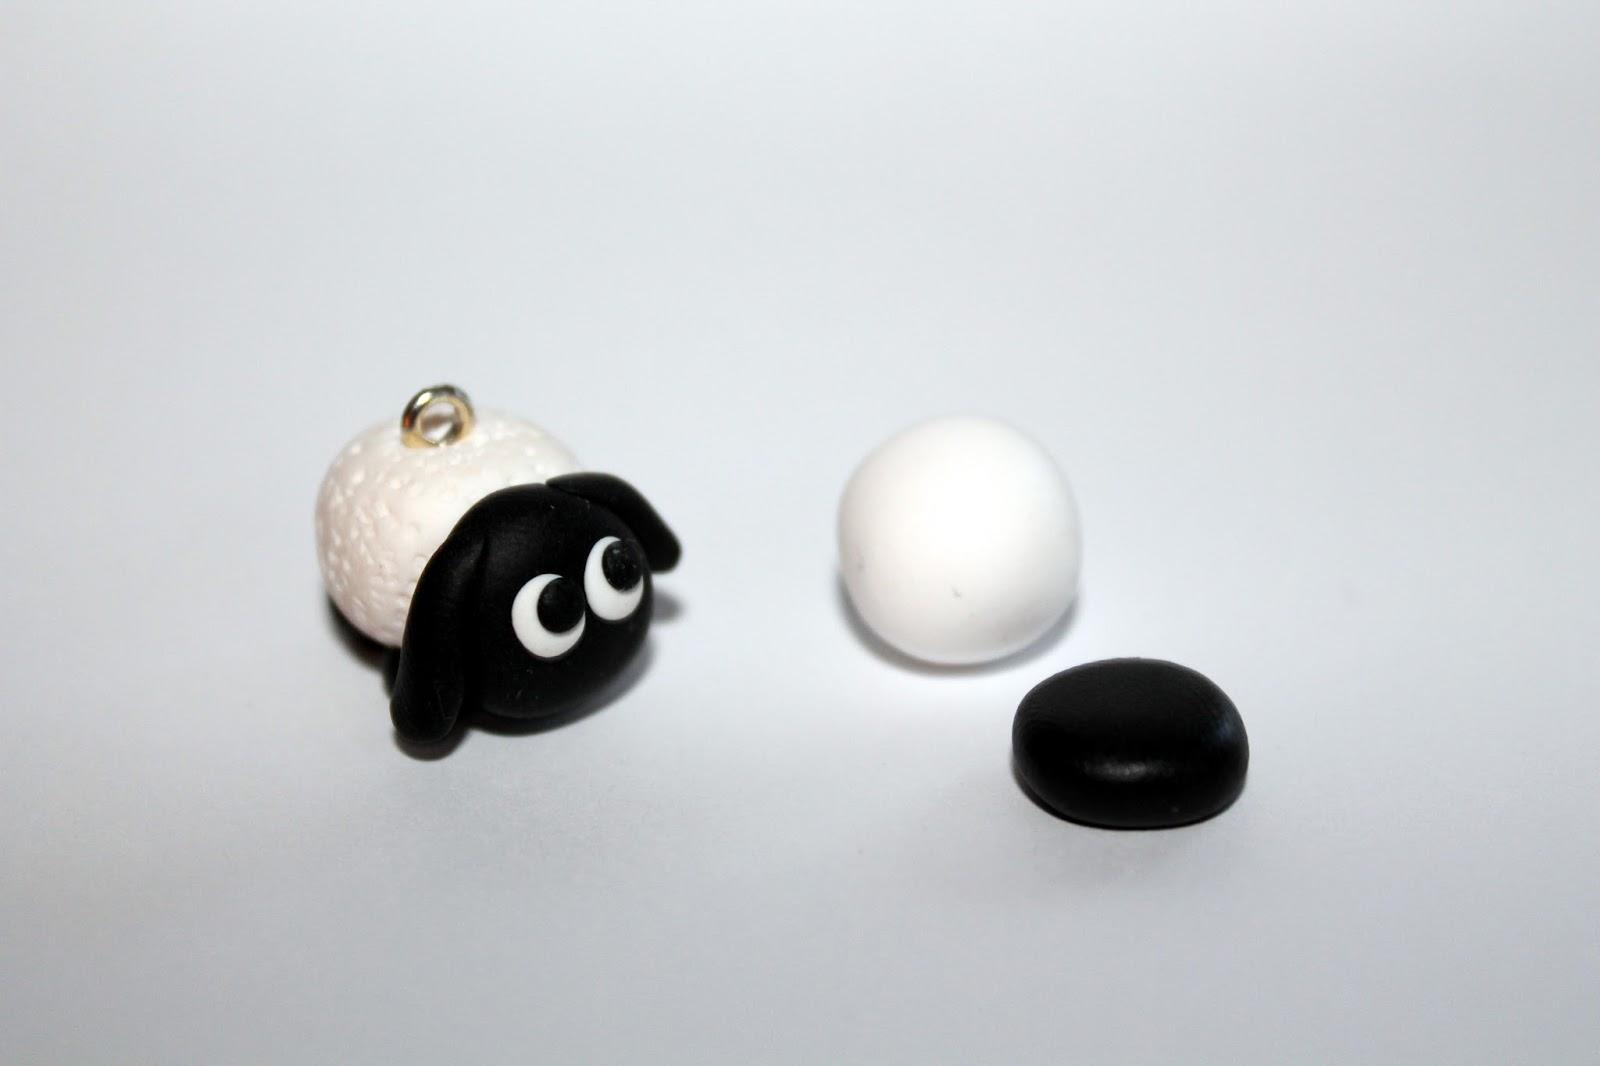 DIY, Basteln: Fimo / Polymer Clay Schaf in Schlüsselanhänger und Kettenanhänger - DIYCarinchen